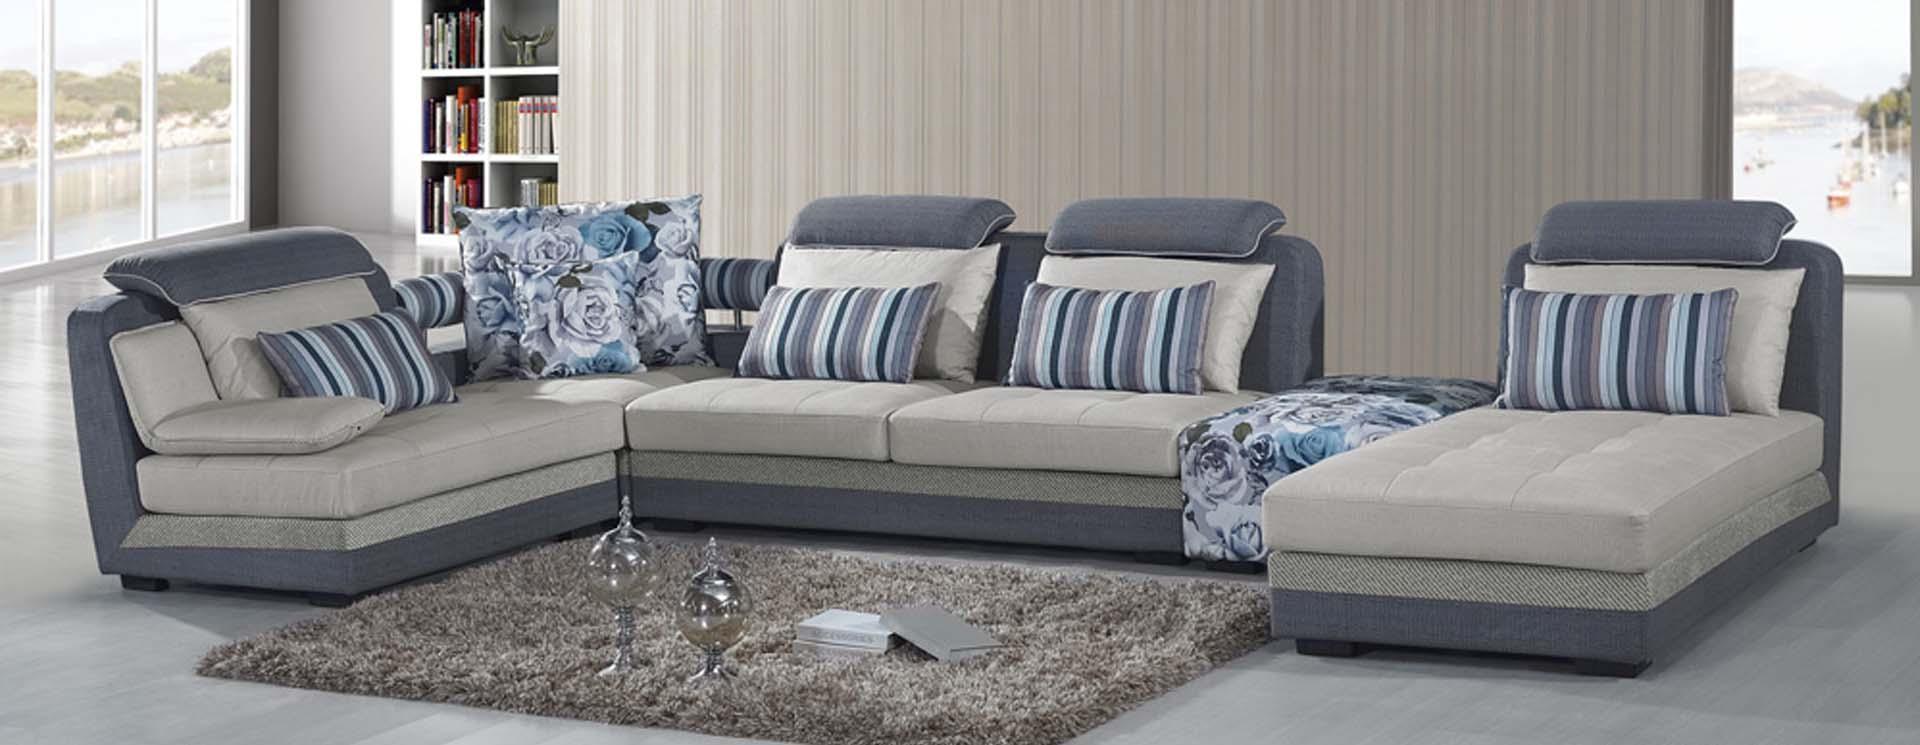 名称:沙发A-4A#<br/> 市场价:<font style='color:#999;text-decoration:line-through;'>¥0</font><br />全国统一零售价:<font color='Red'>¥0.0</font>